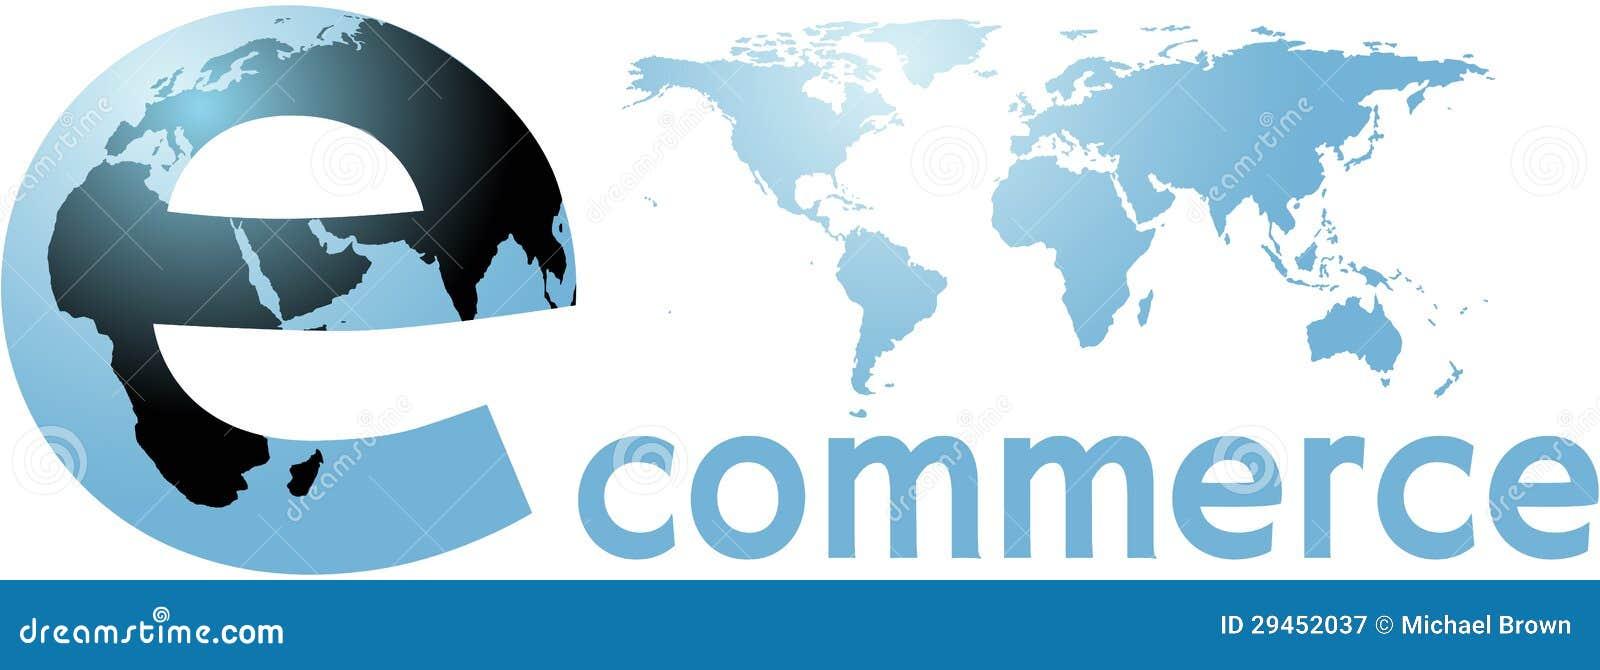 Παγκόσμια λέξη γήινου Διαδικτύου ηλεκτρονικού εμπορίου σφαιρική